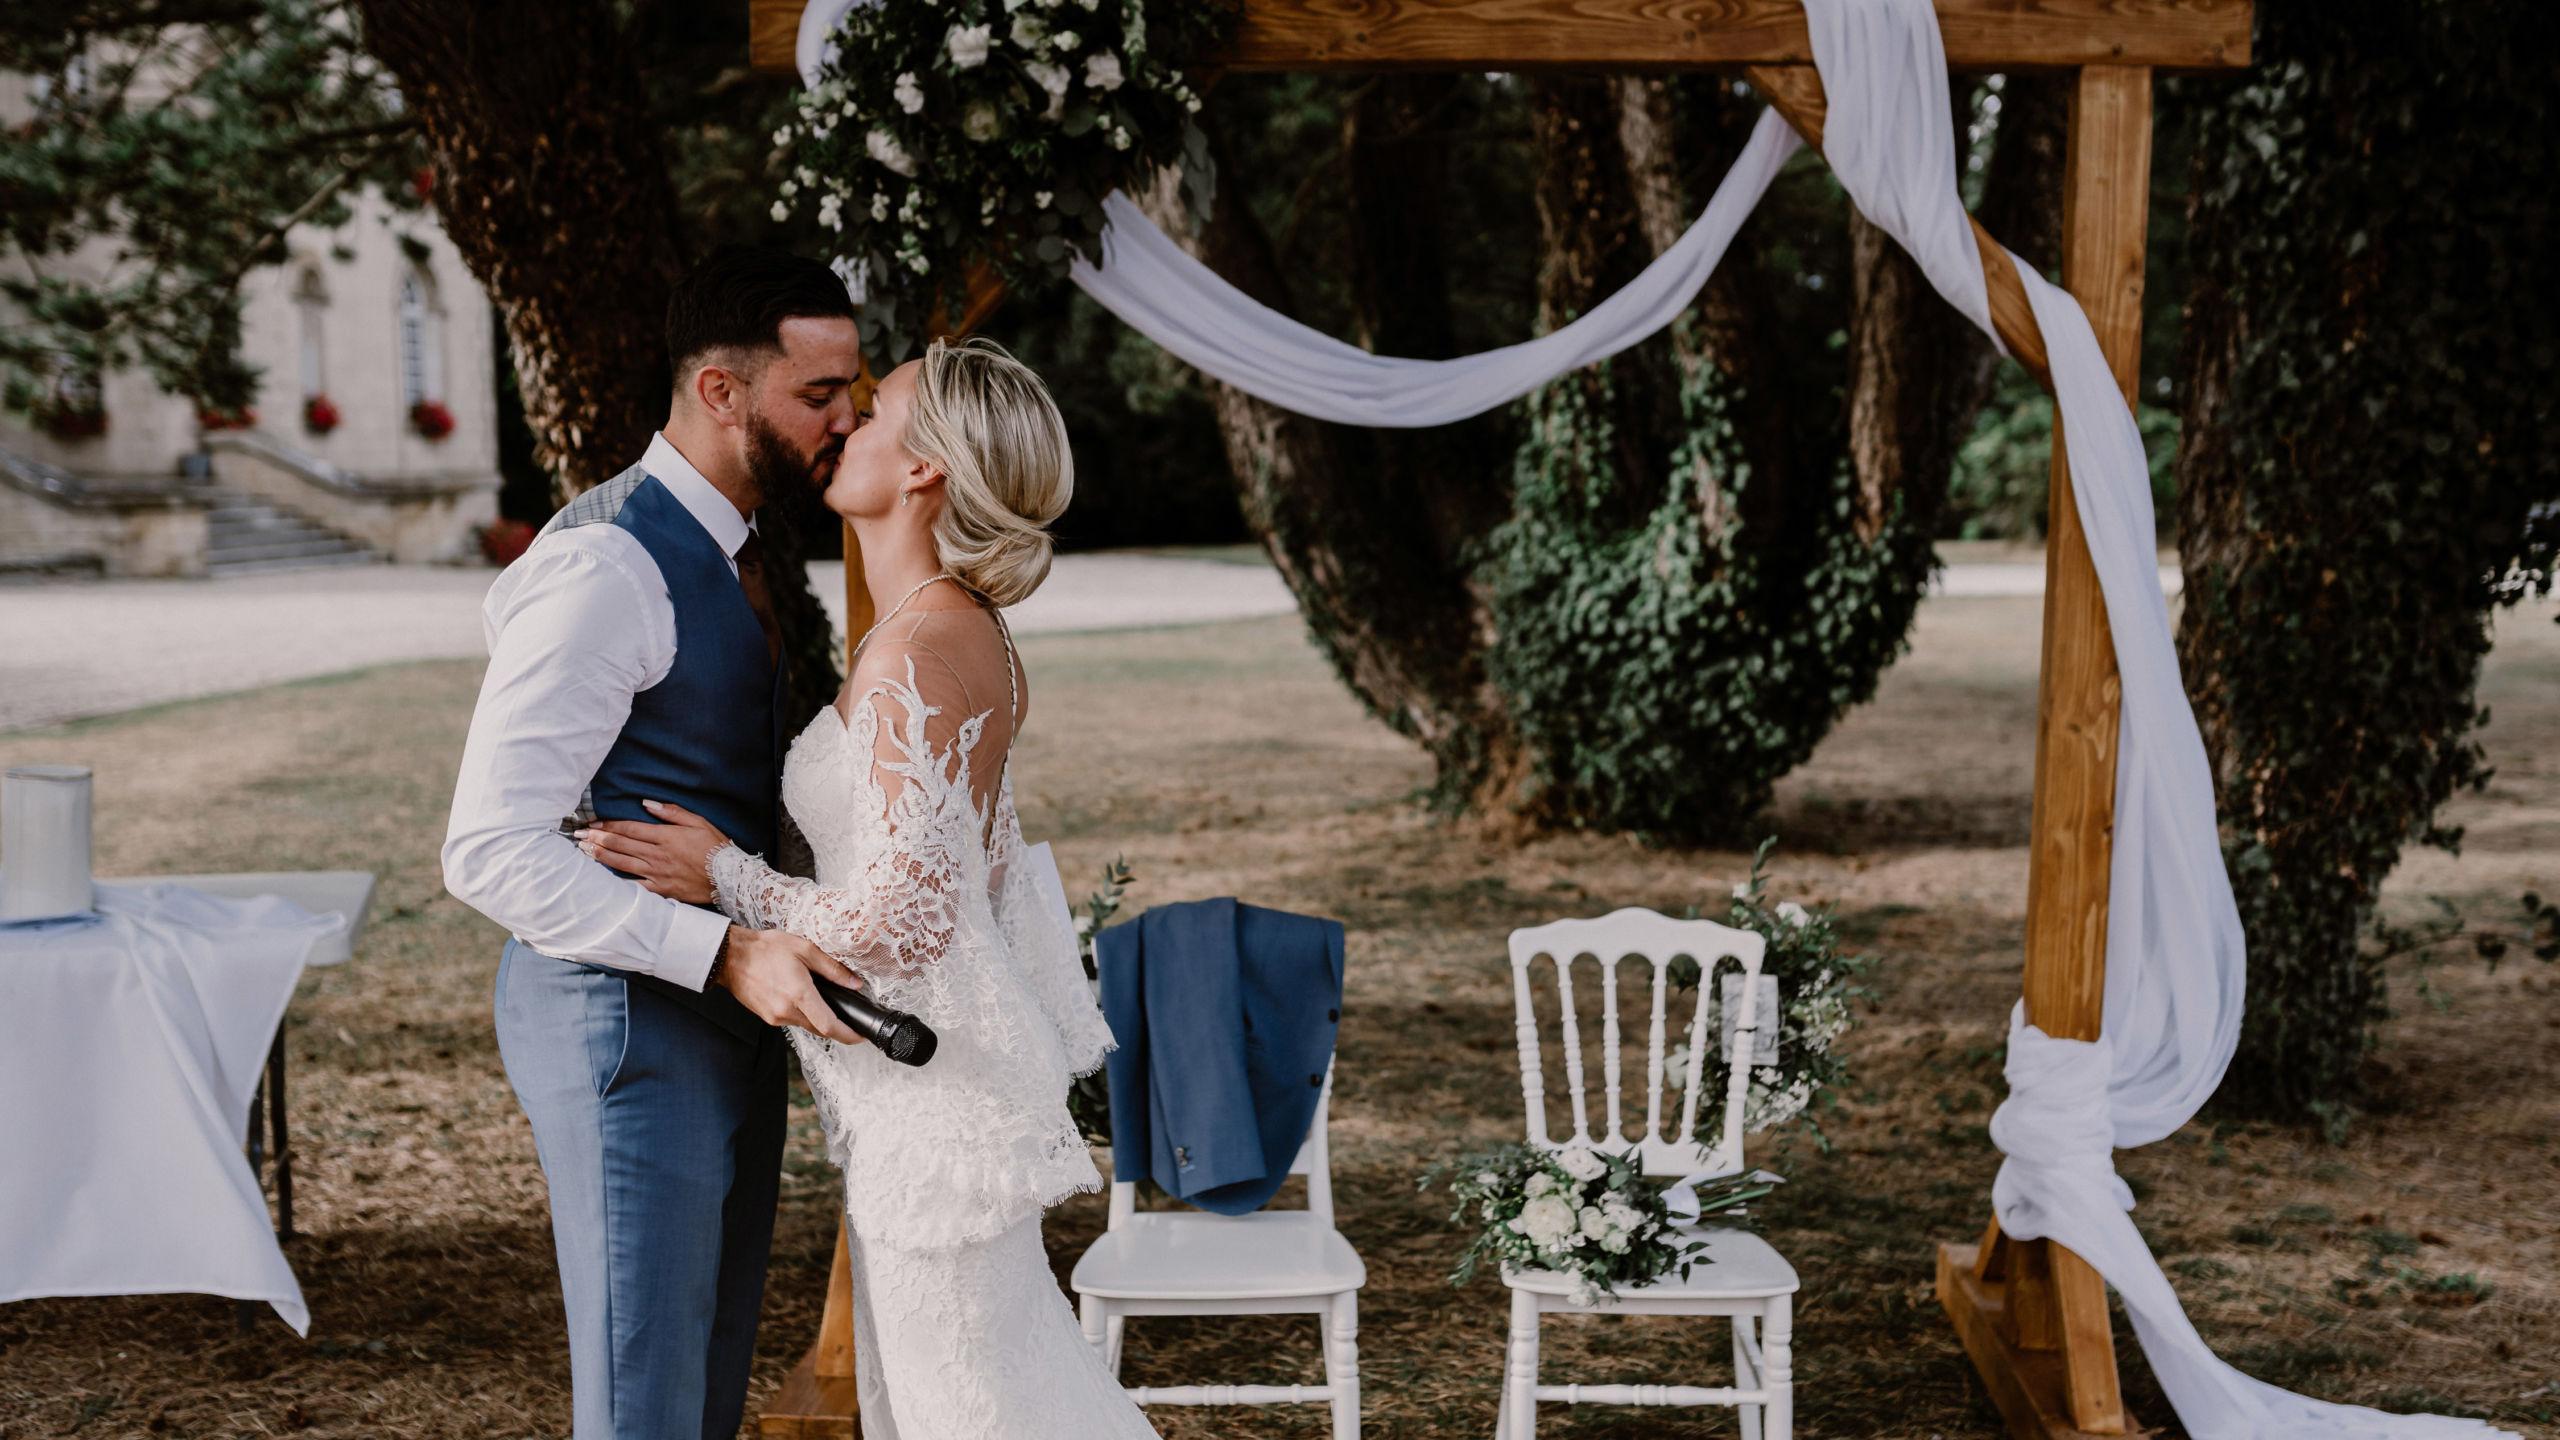 Les mariés à la cérémonie laïque entrain de s'embrasser - Perfect Moment by A - Wedding-Planner Reims